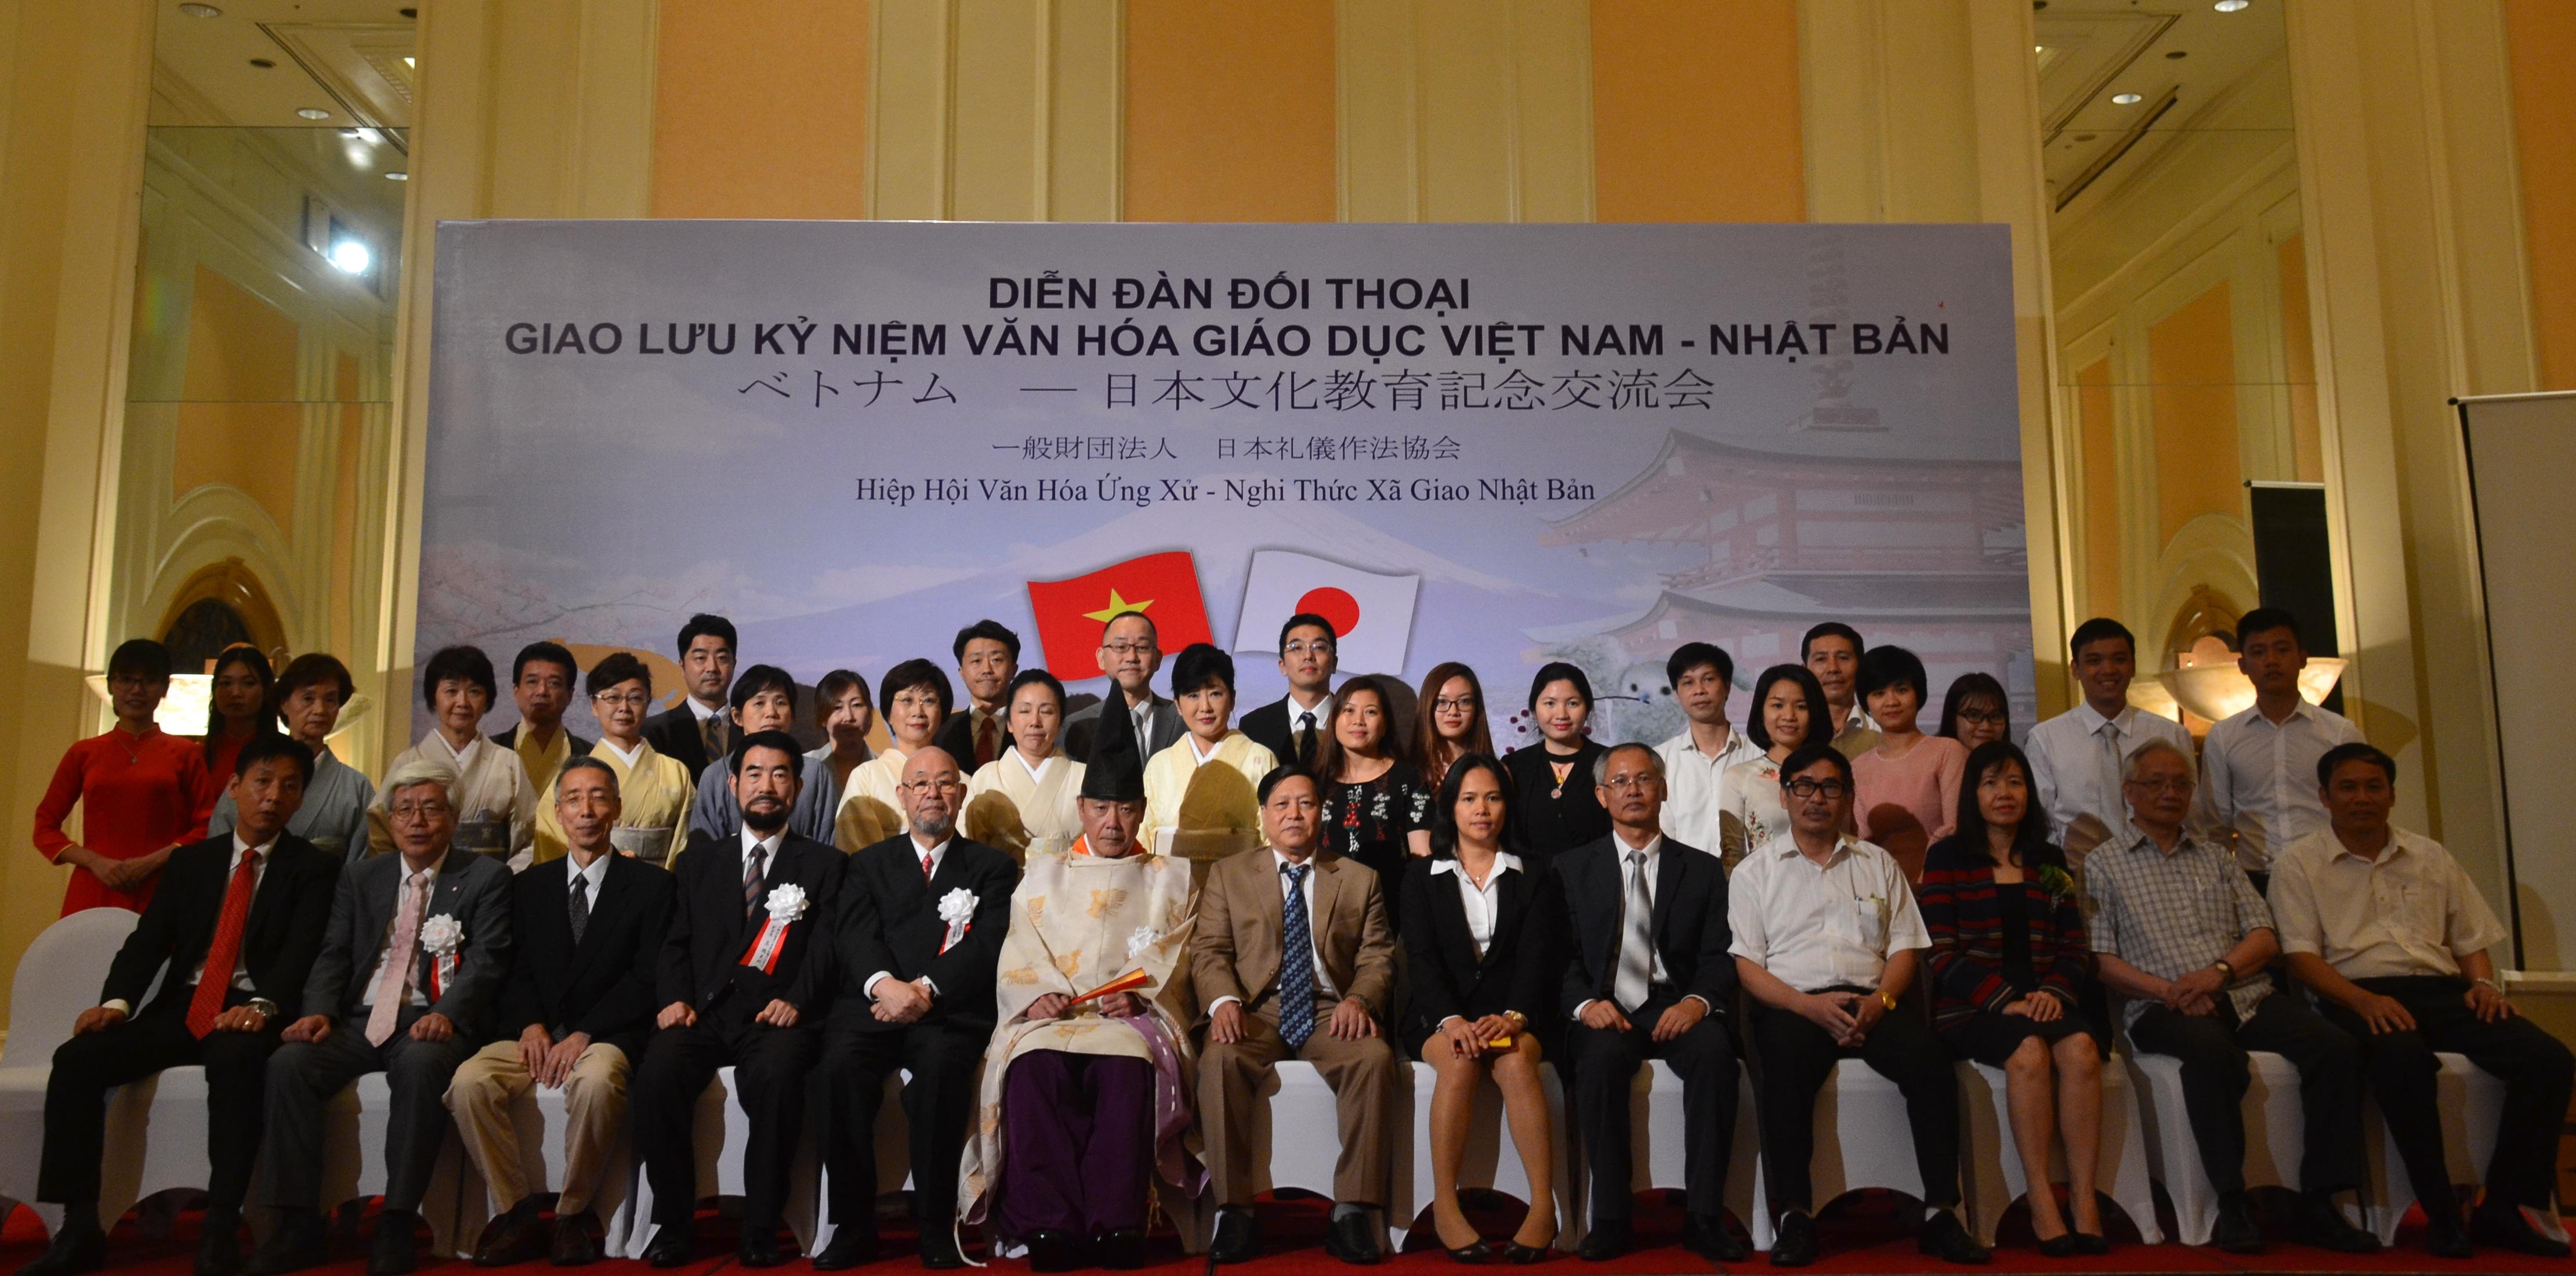 Giao lưu văn hóa Việt Nam - Nhật Bản